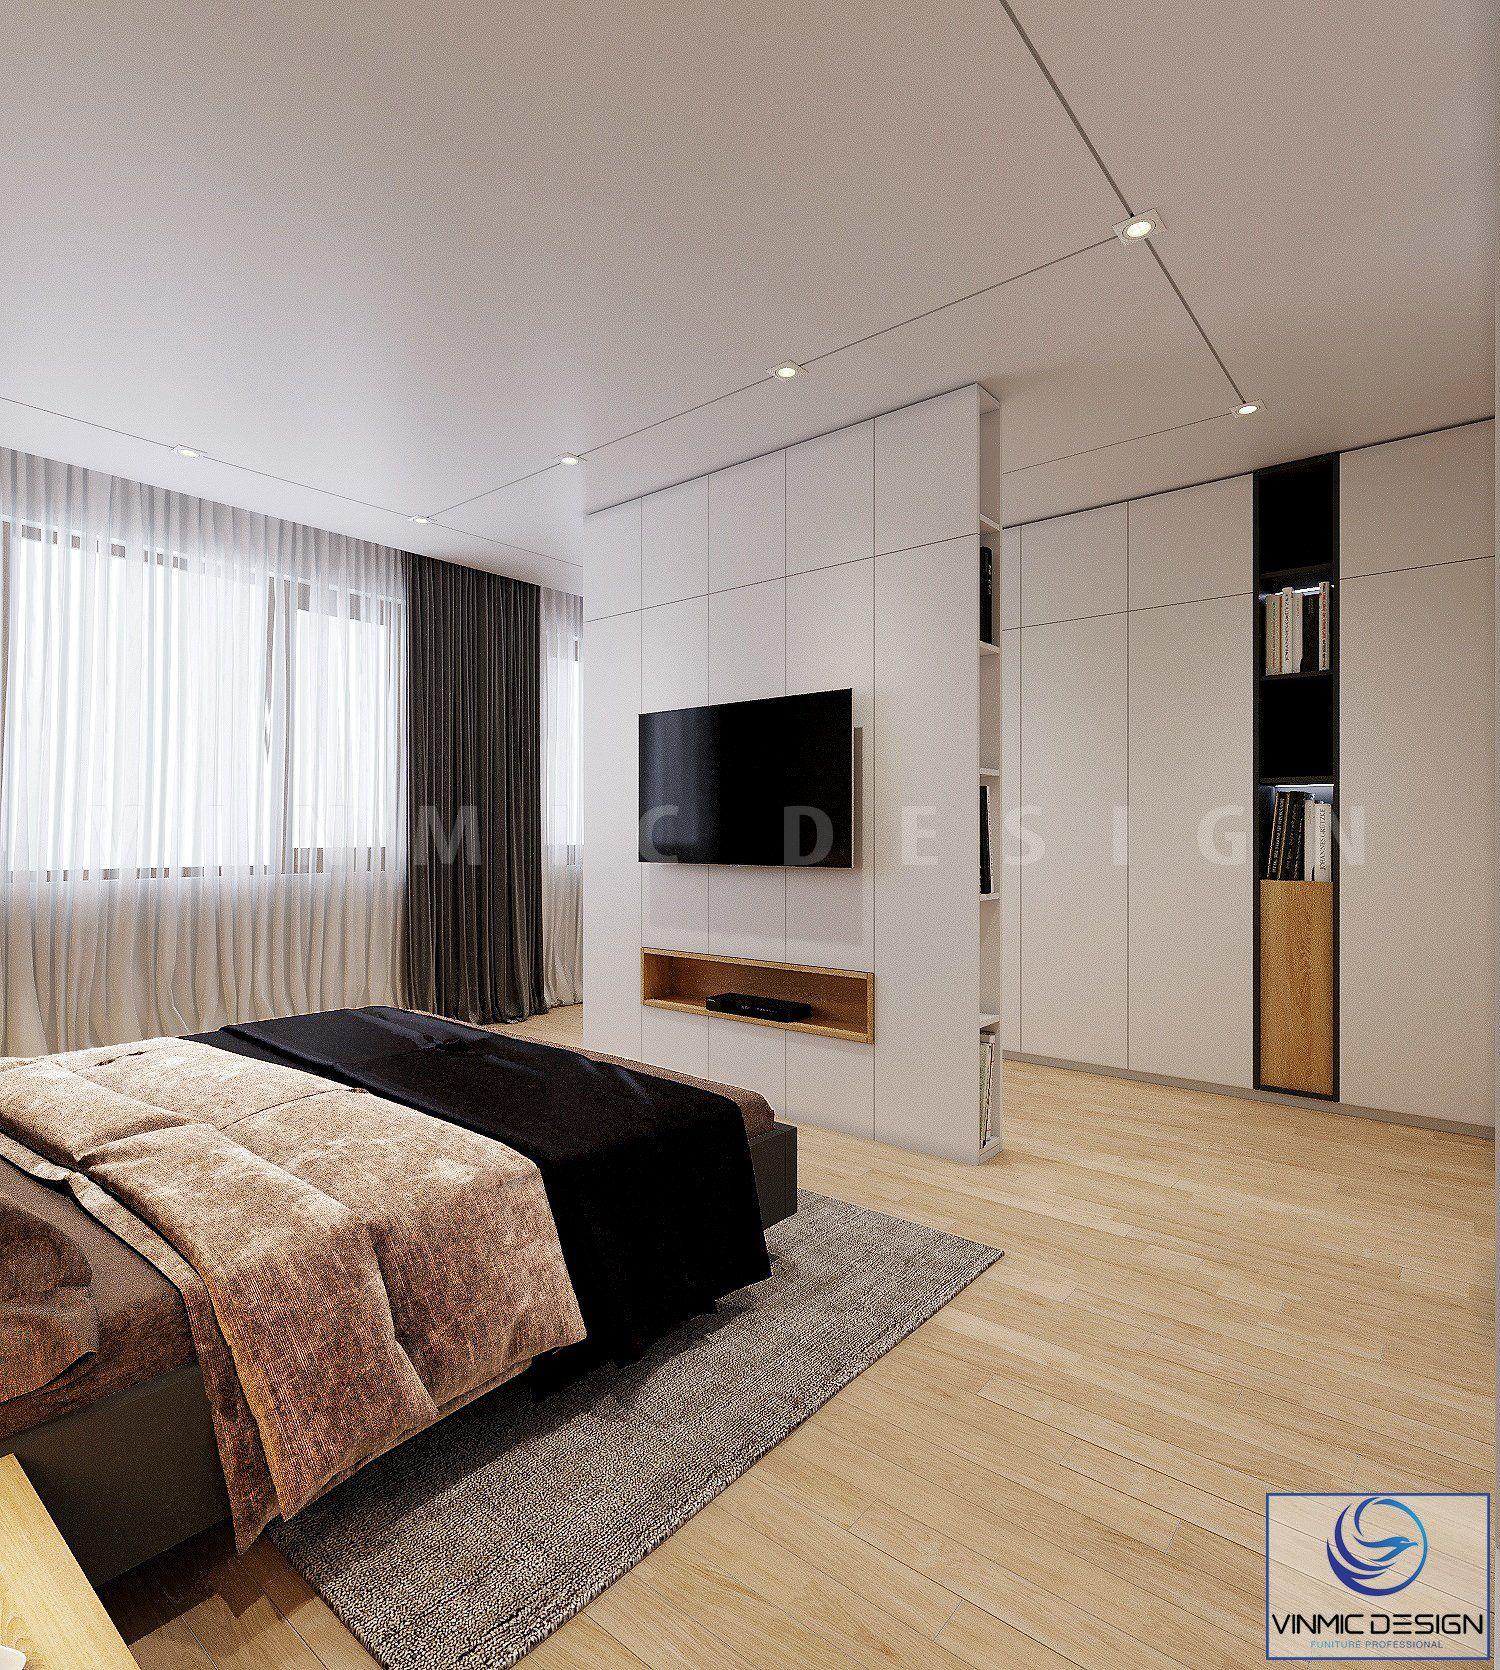 Phòng ngủ có một điểm nhấn hơn khi thiết kế hệ tủ đứng